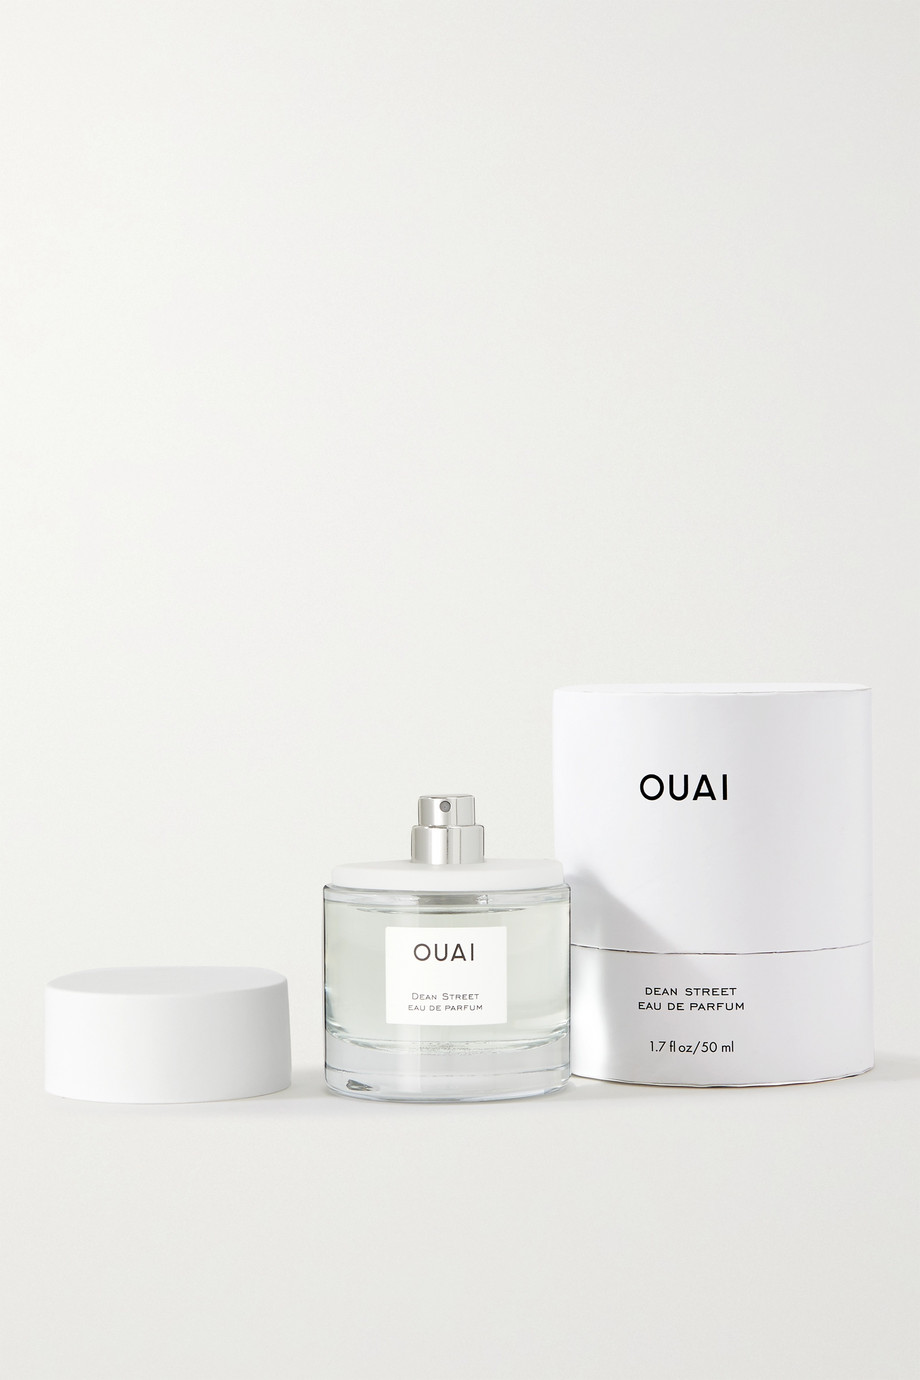 OUAI Haircare Eau de parfum Dean Street, 50 ml